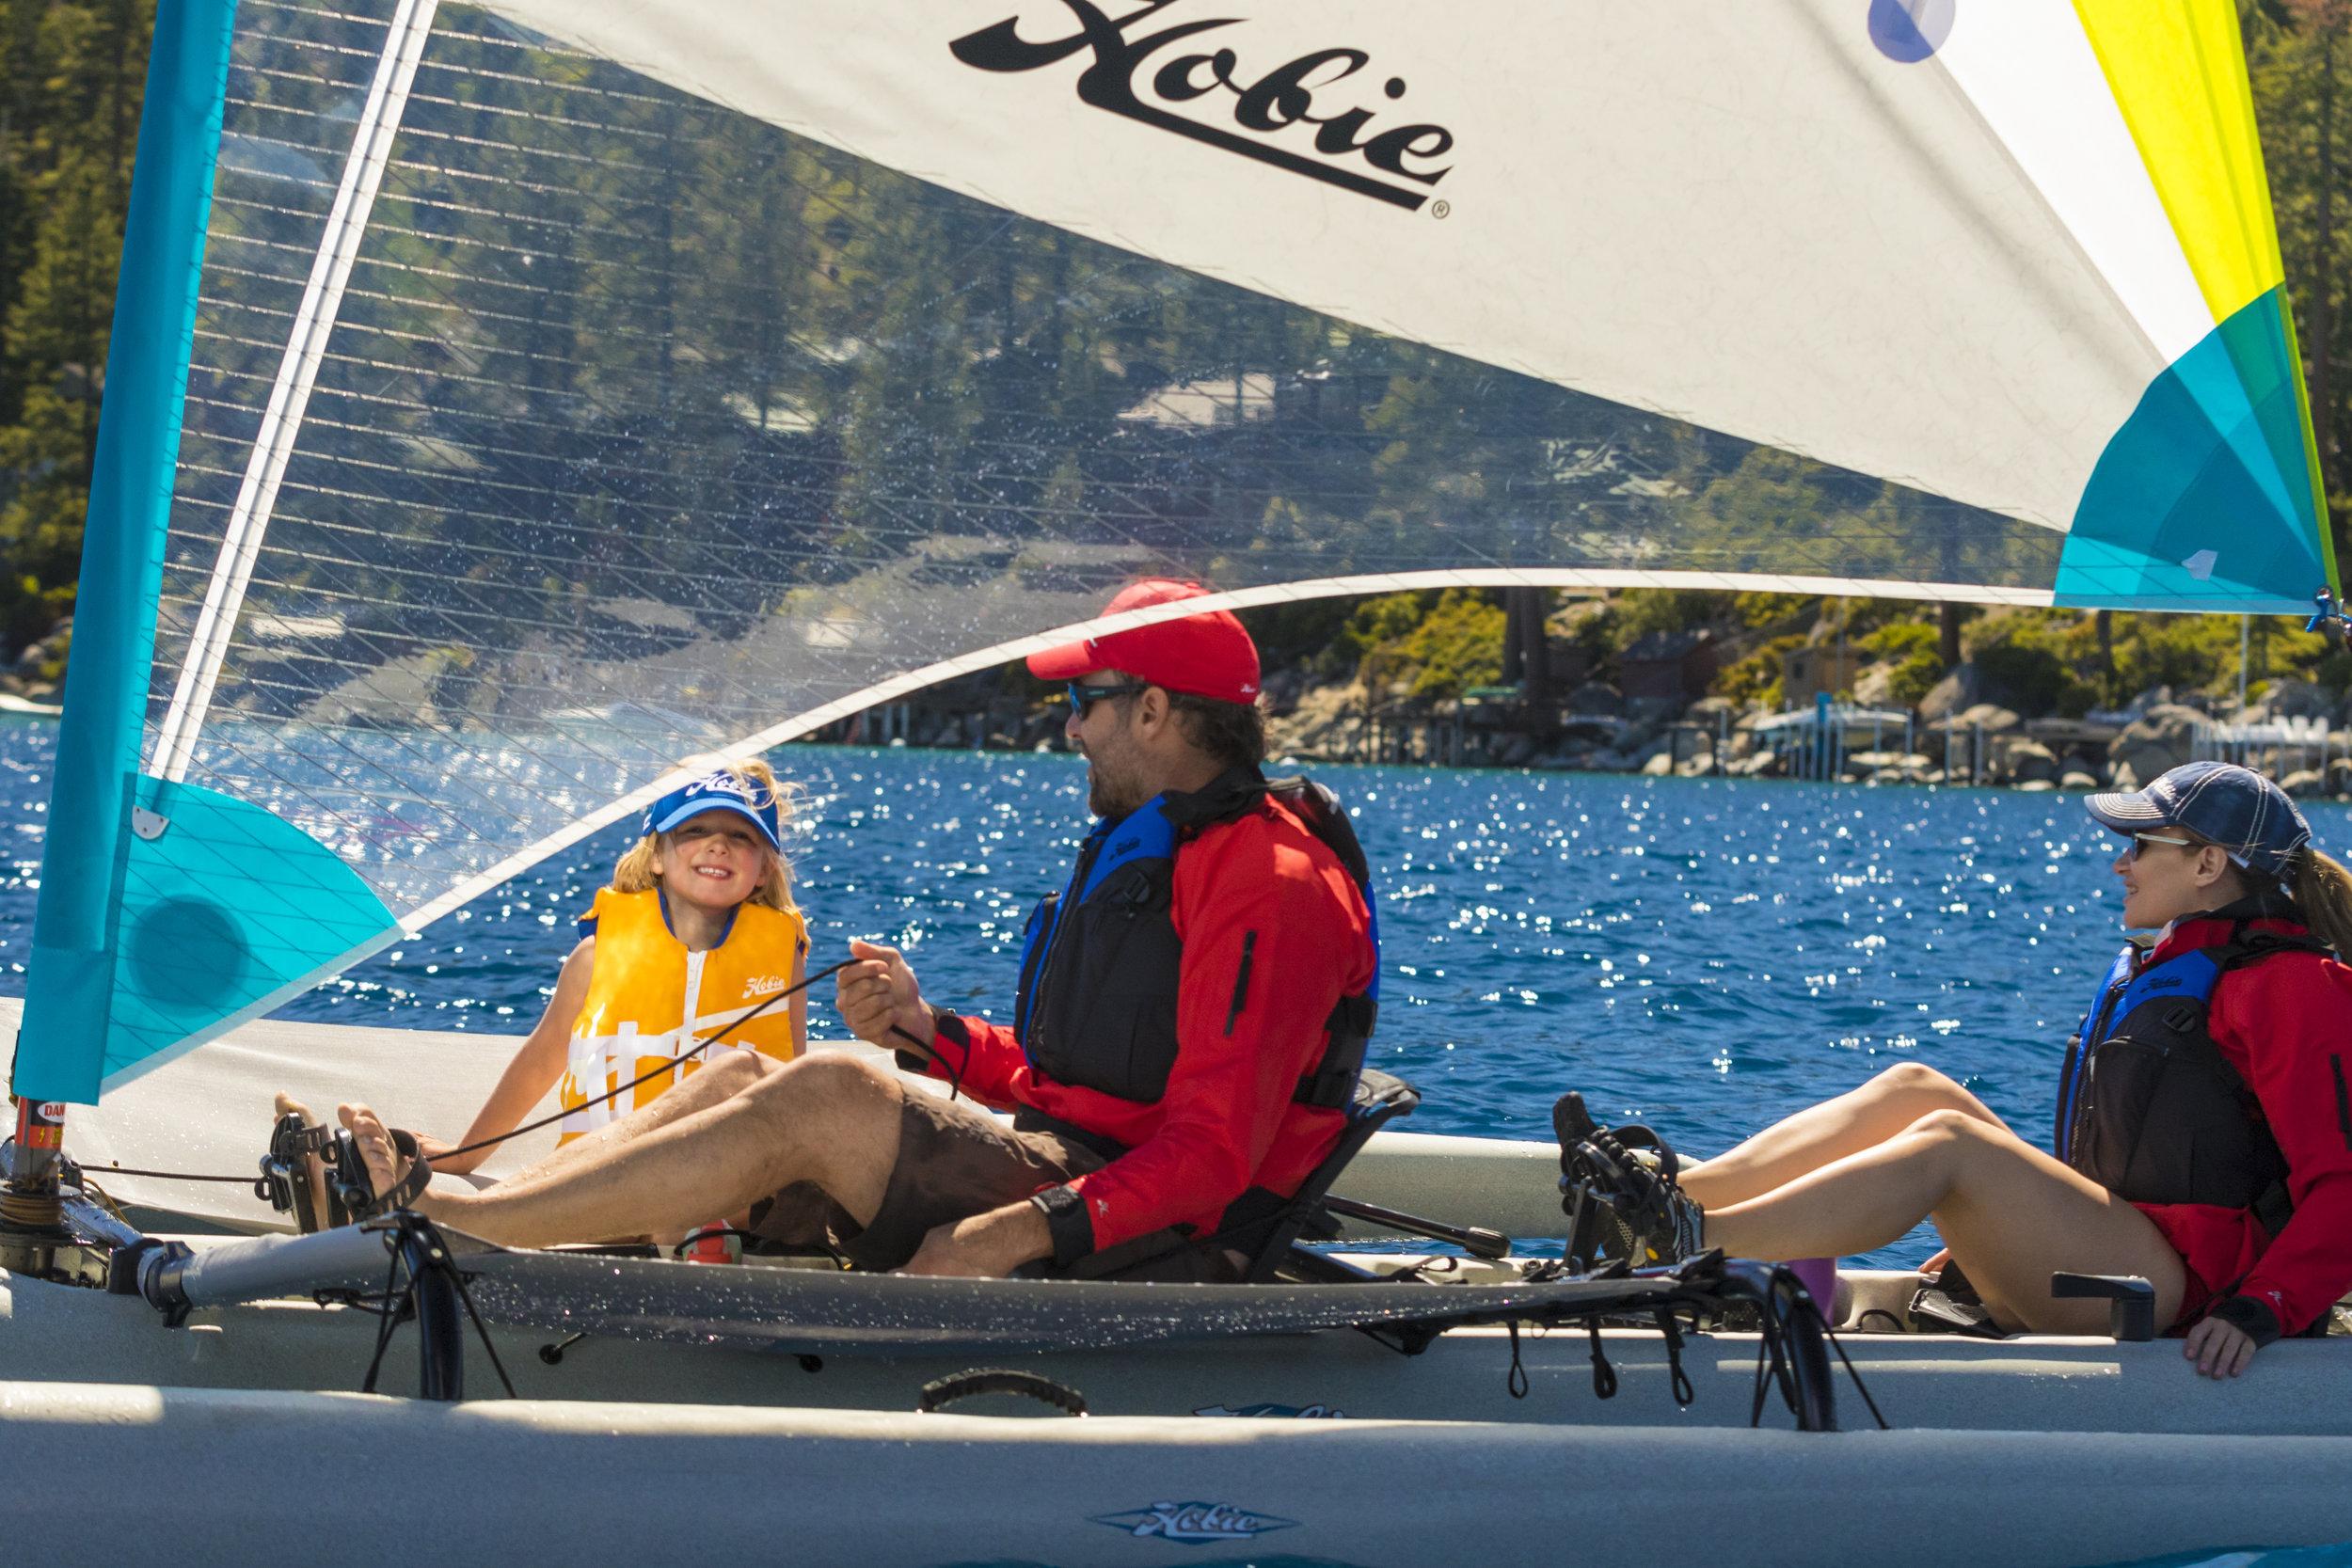 Tandem_Island_action_Tahoe_family_dune_smiles_2400_full.jpg